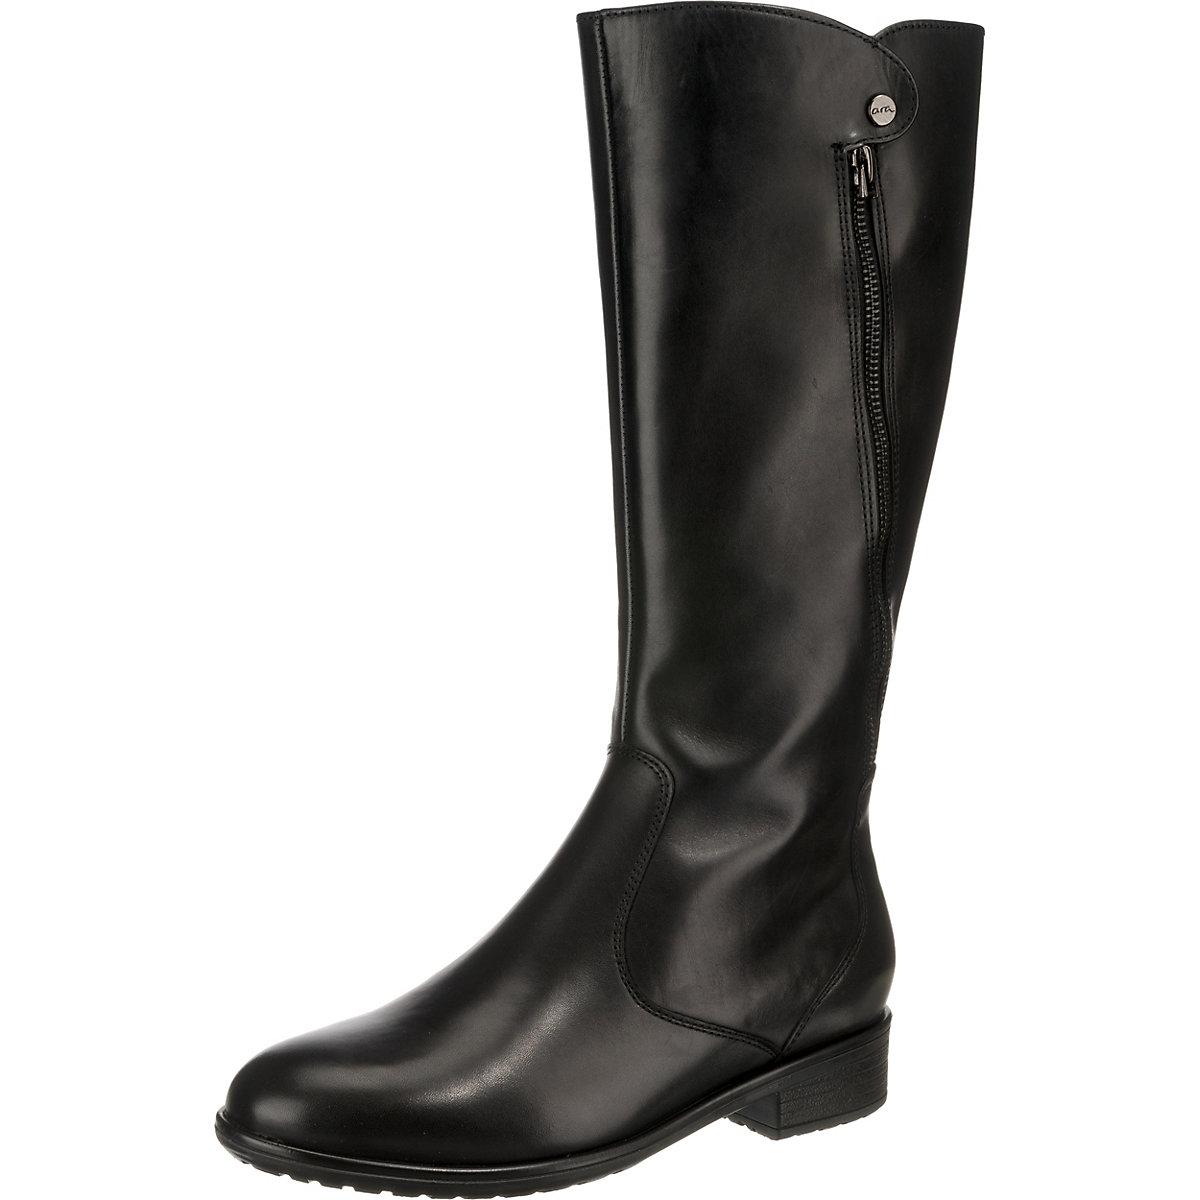 Ara, LIVERPOOL Klassische Stiefel, schwarz  Gute Qualität beliebte Schuhe